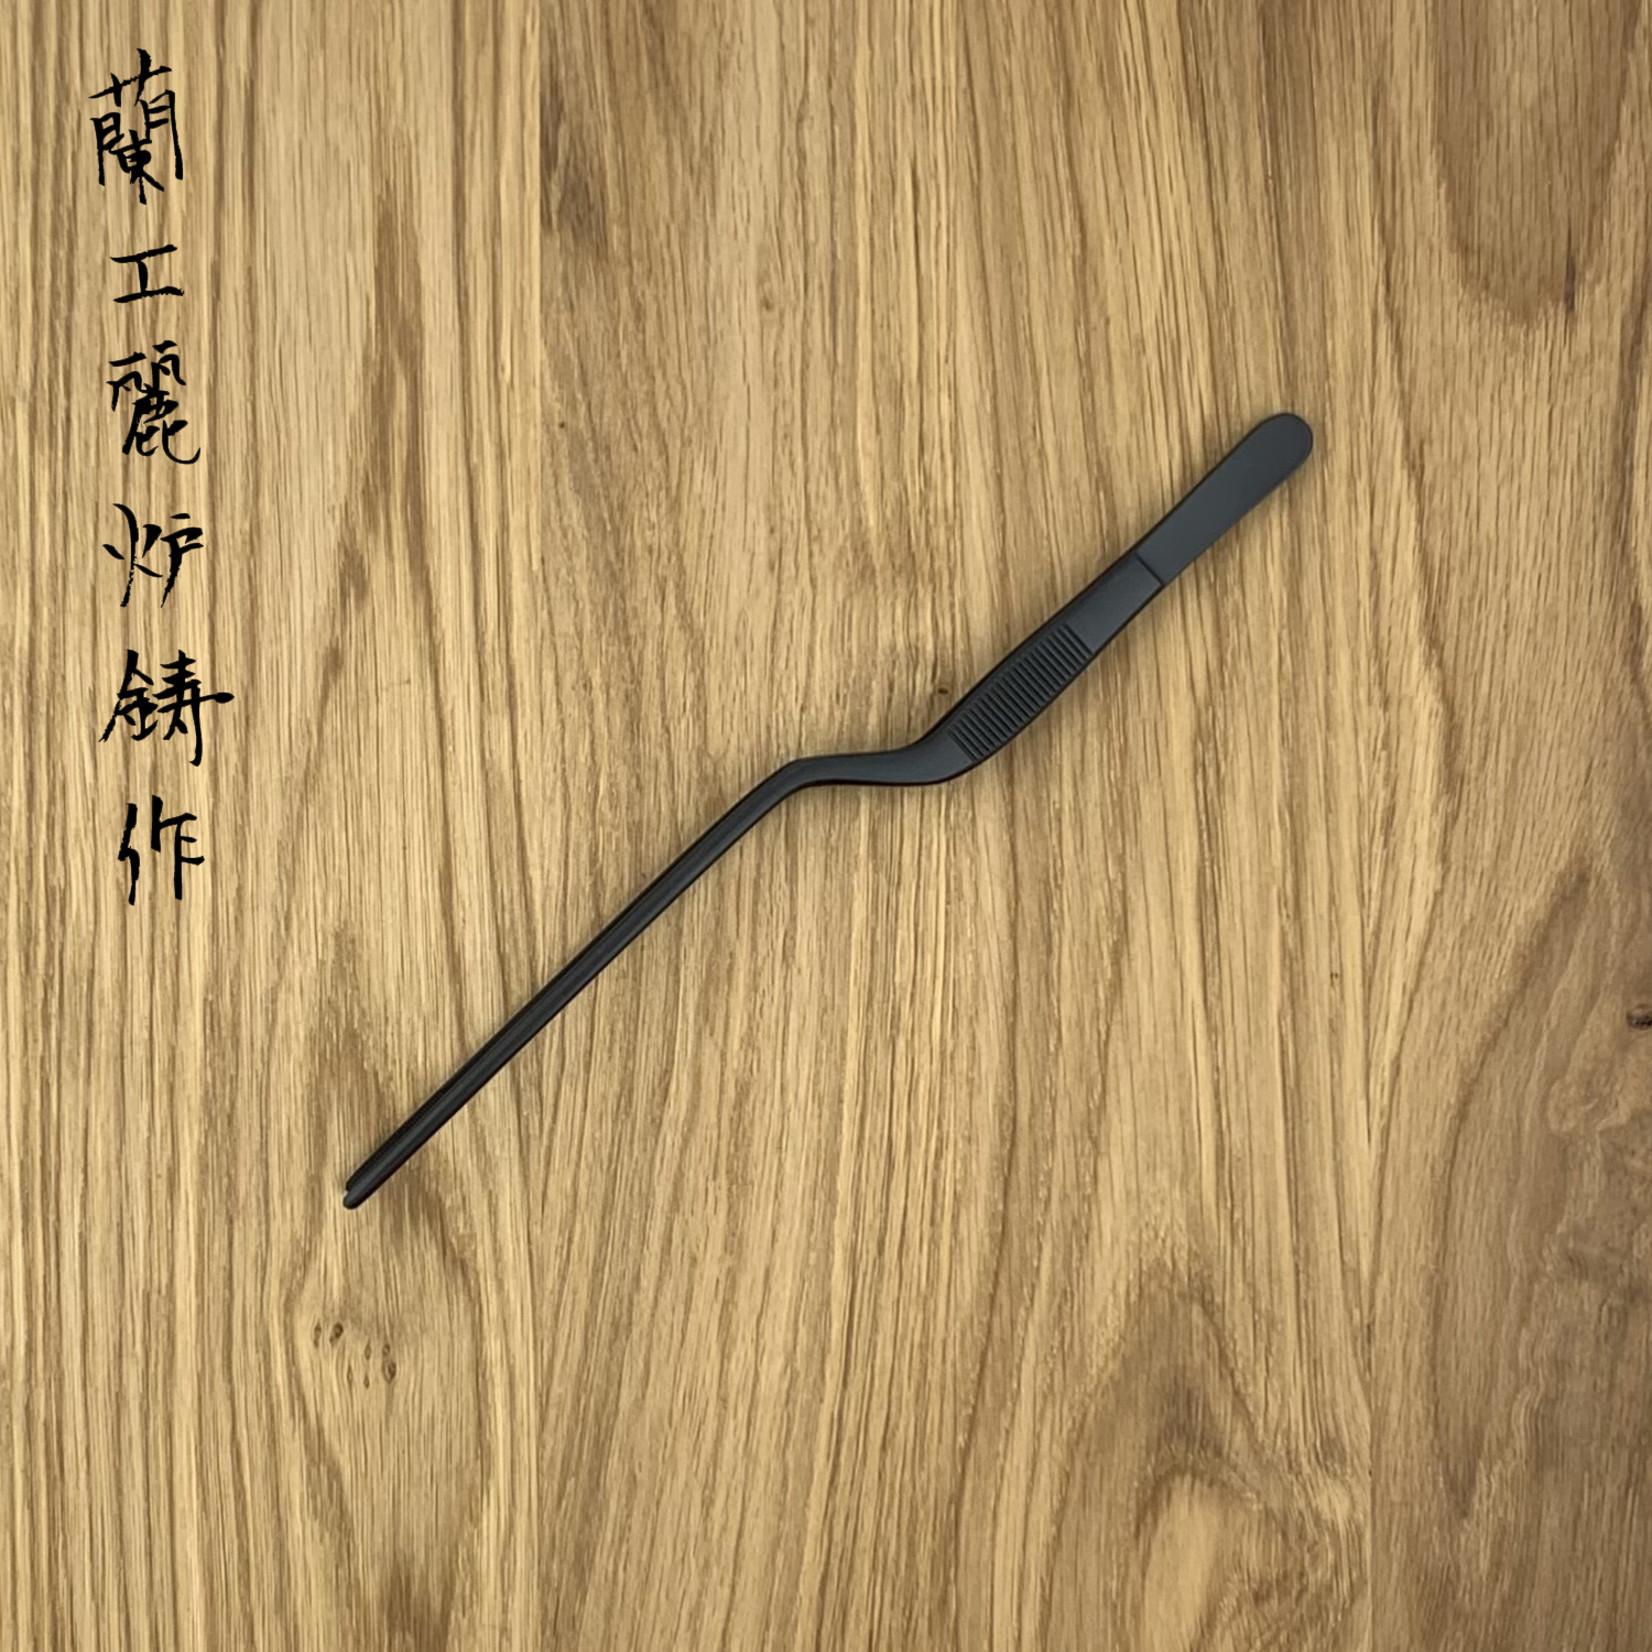 Dresseer pincet gebogen 20 cm mat zwart